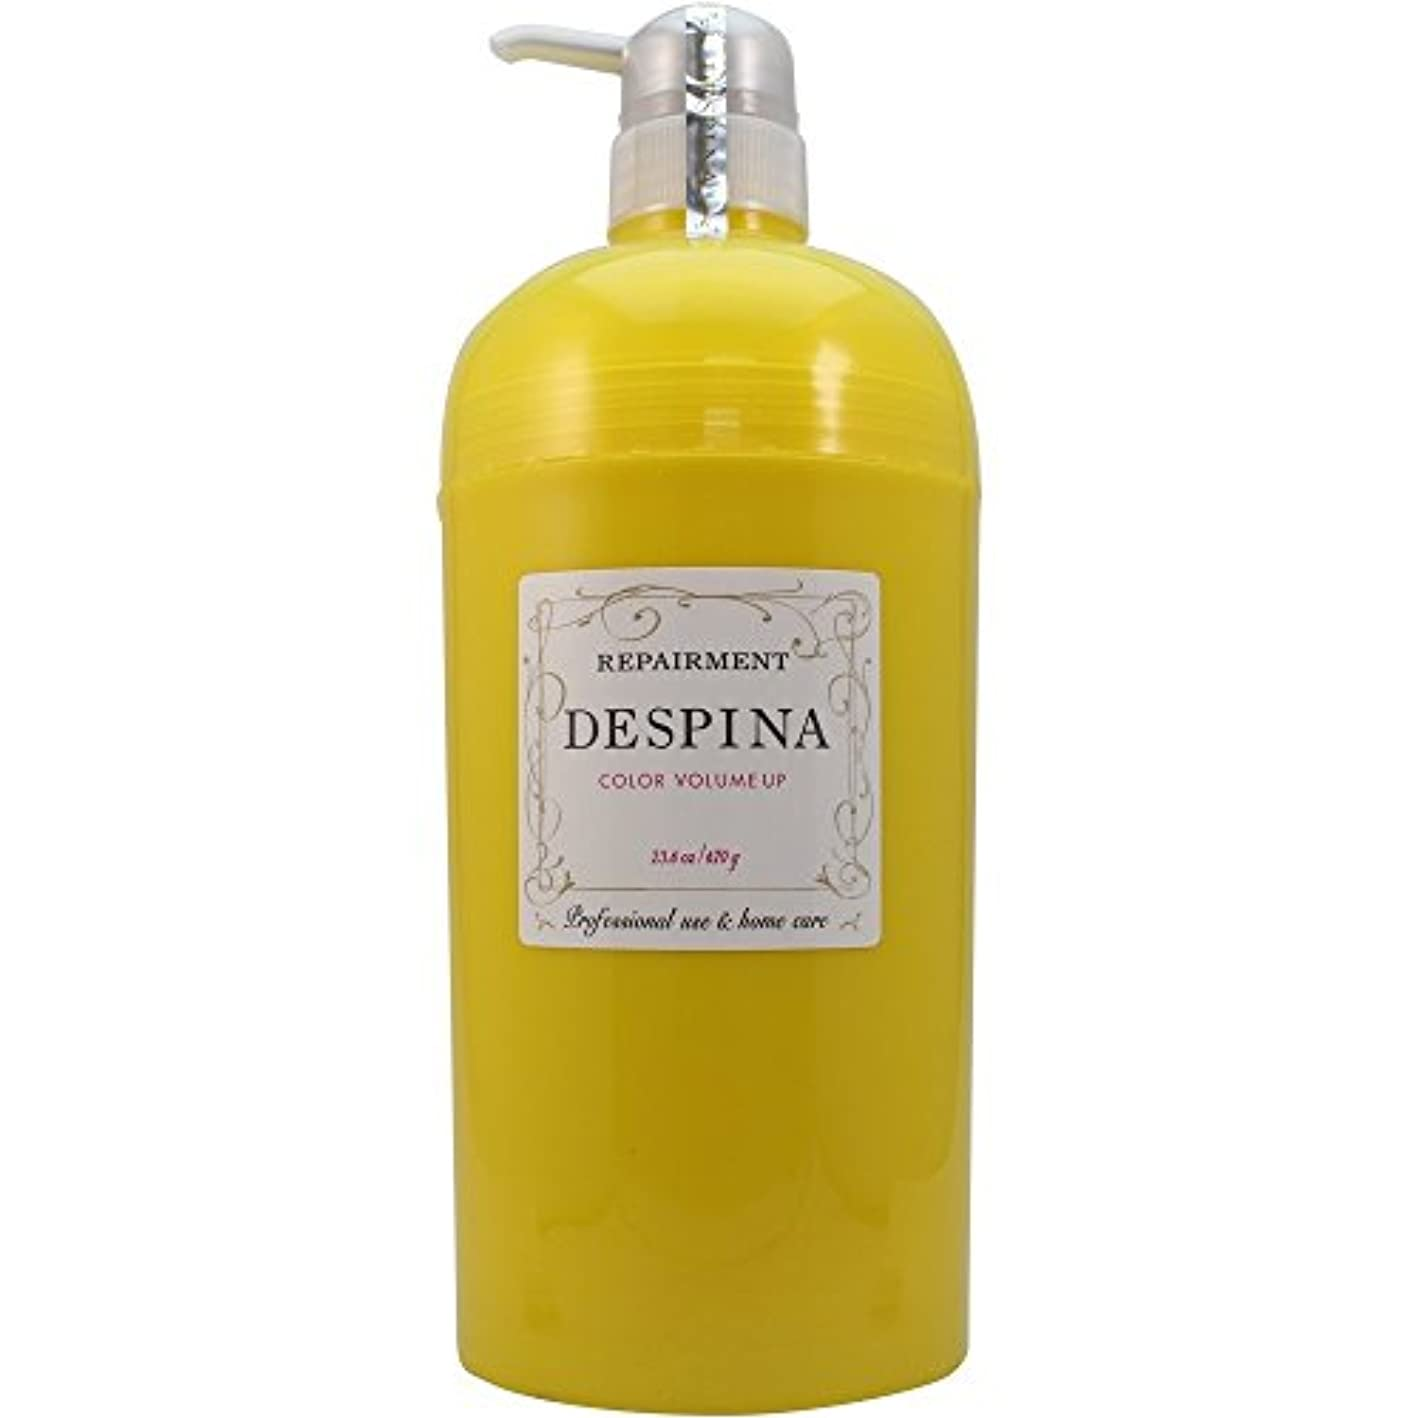 胃モールス信号細部中野製薬 デスピナ リペアメント カラー ボリュームアップ 670g